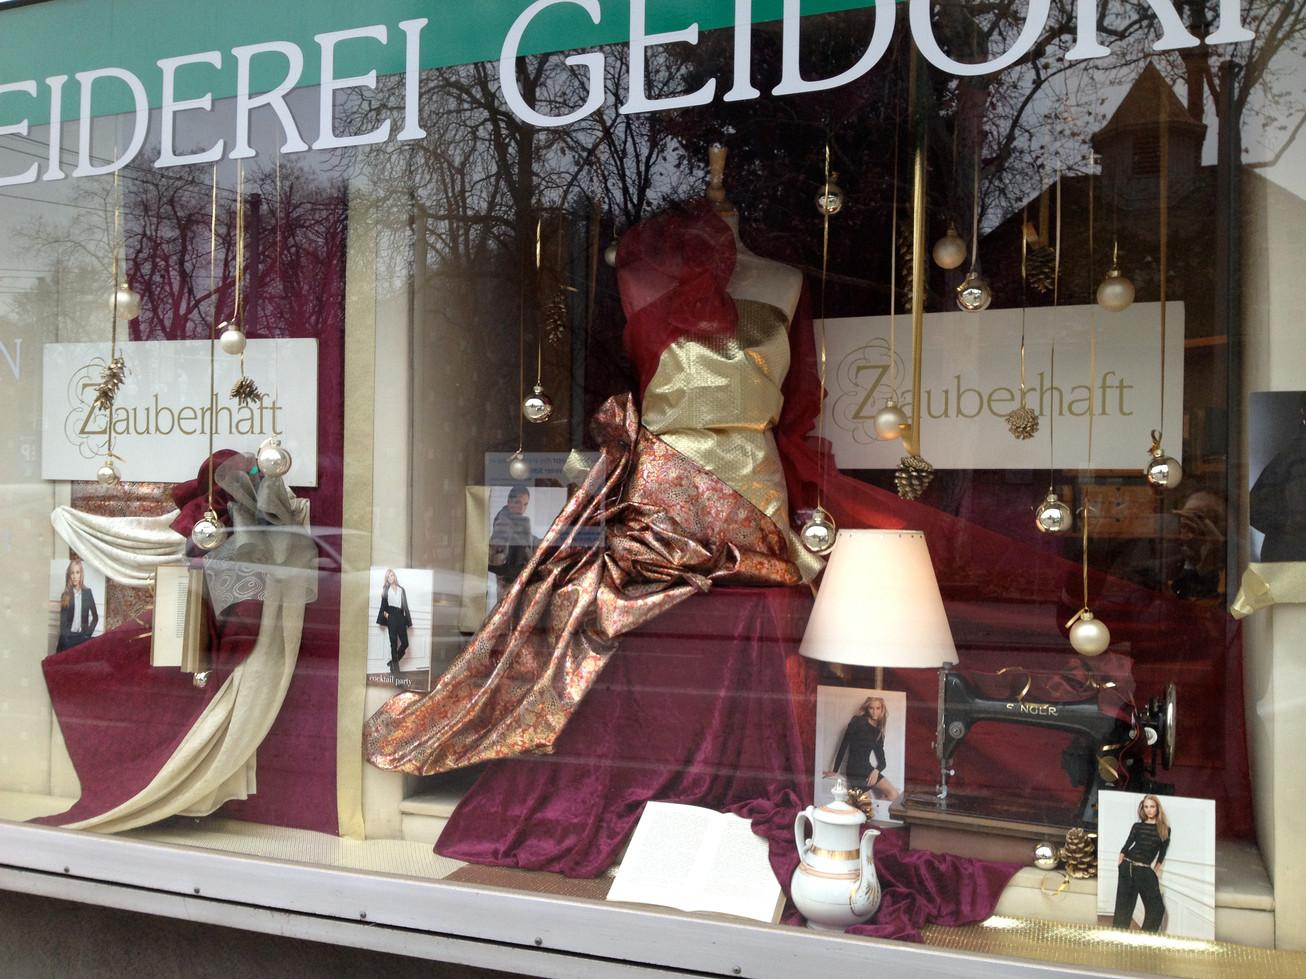 Schaufenster schneiderei isolde skrabitz - Schaufensterdekoration weihnachten ...